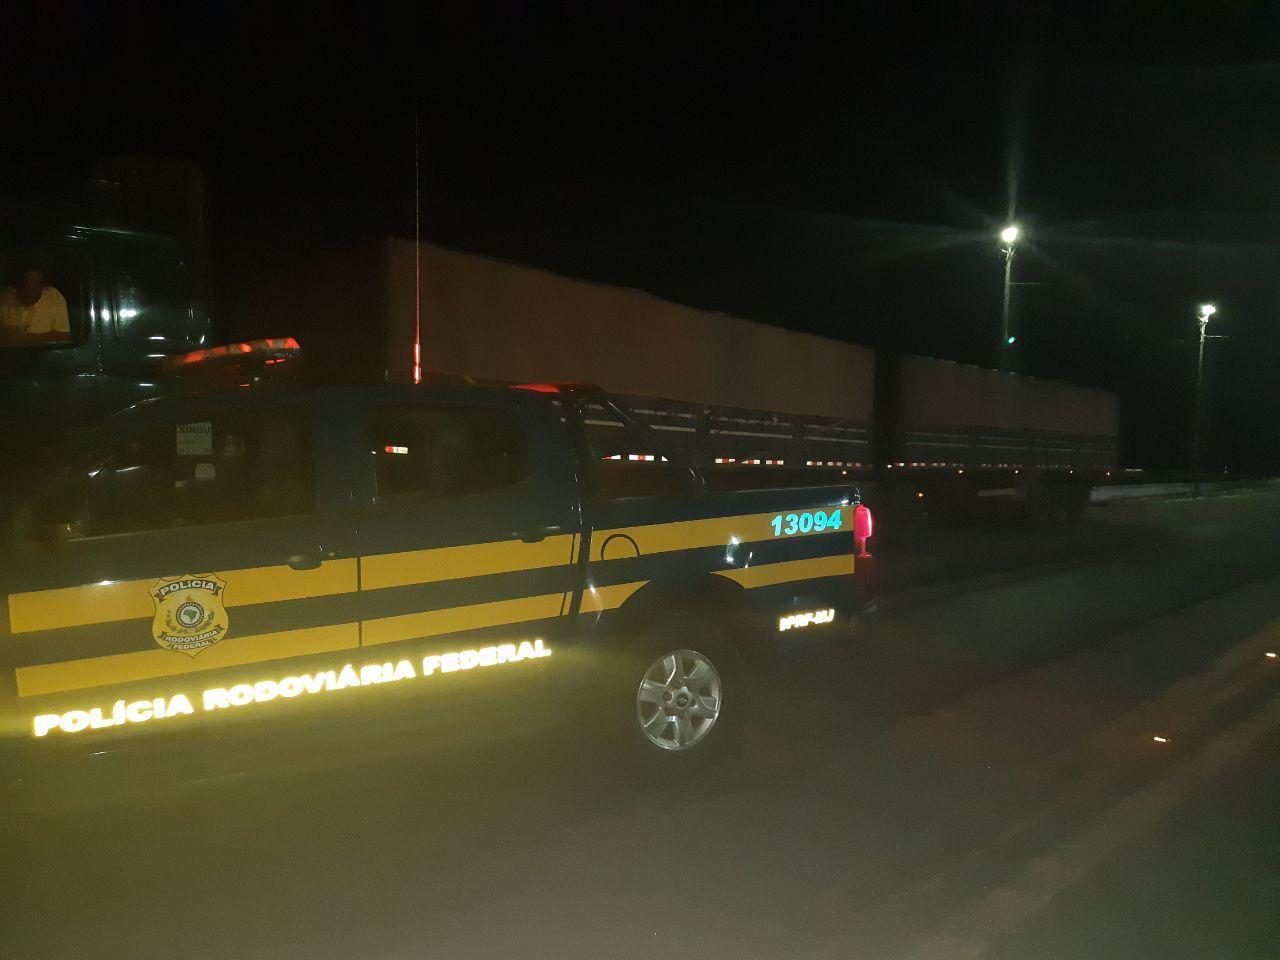 Condutor é detido em fiscalização da PRF Araguaína por adulteração de veículo